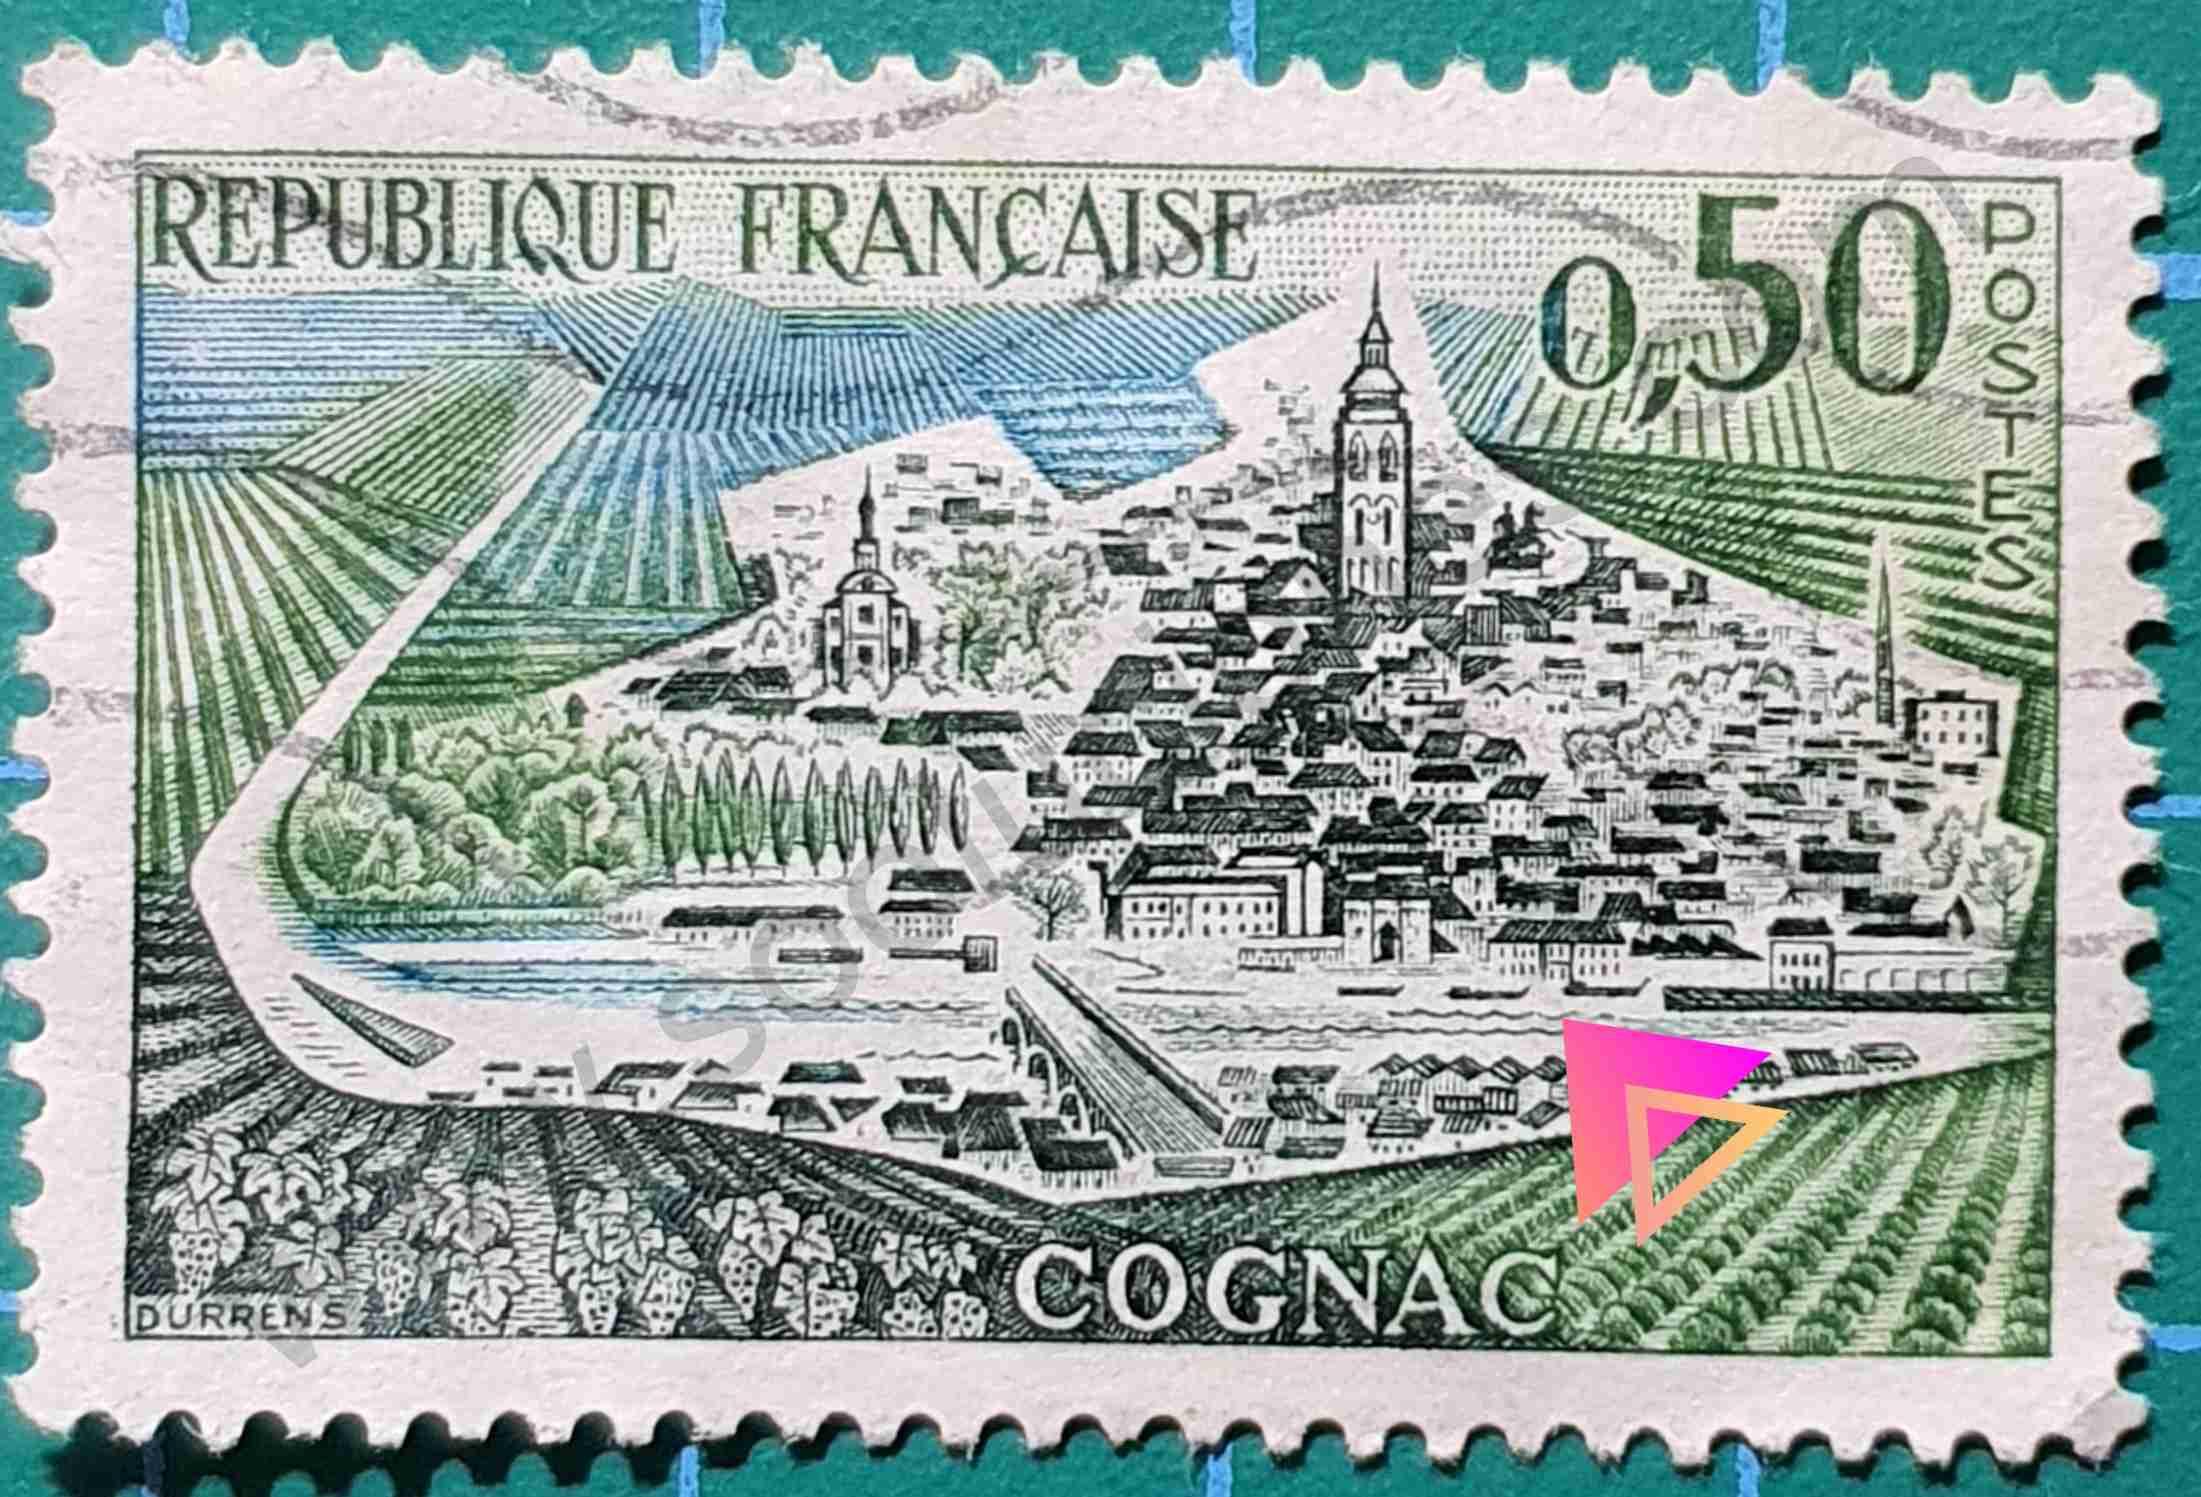 Cognac - Sello Francia 1961